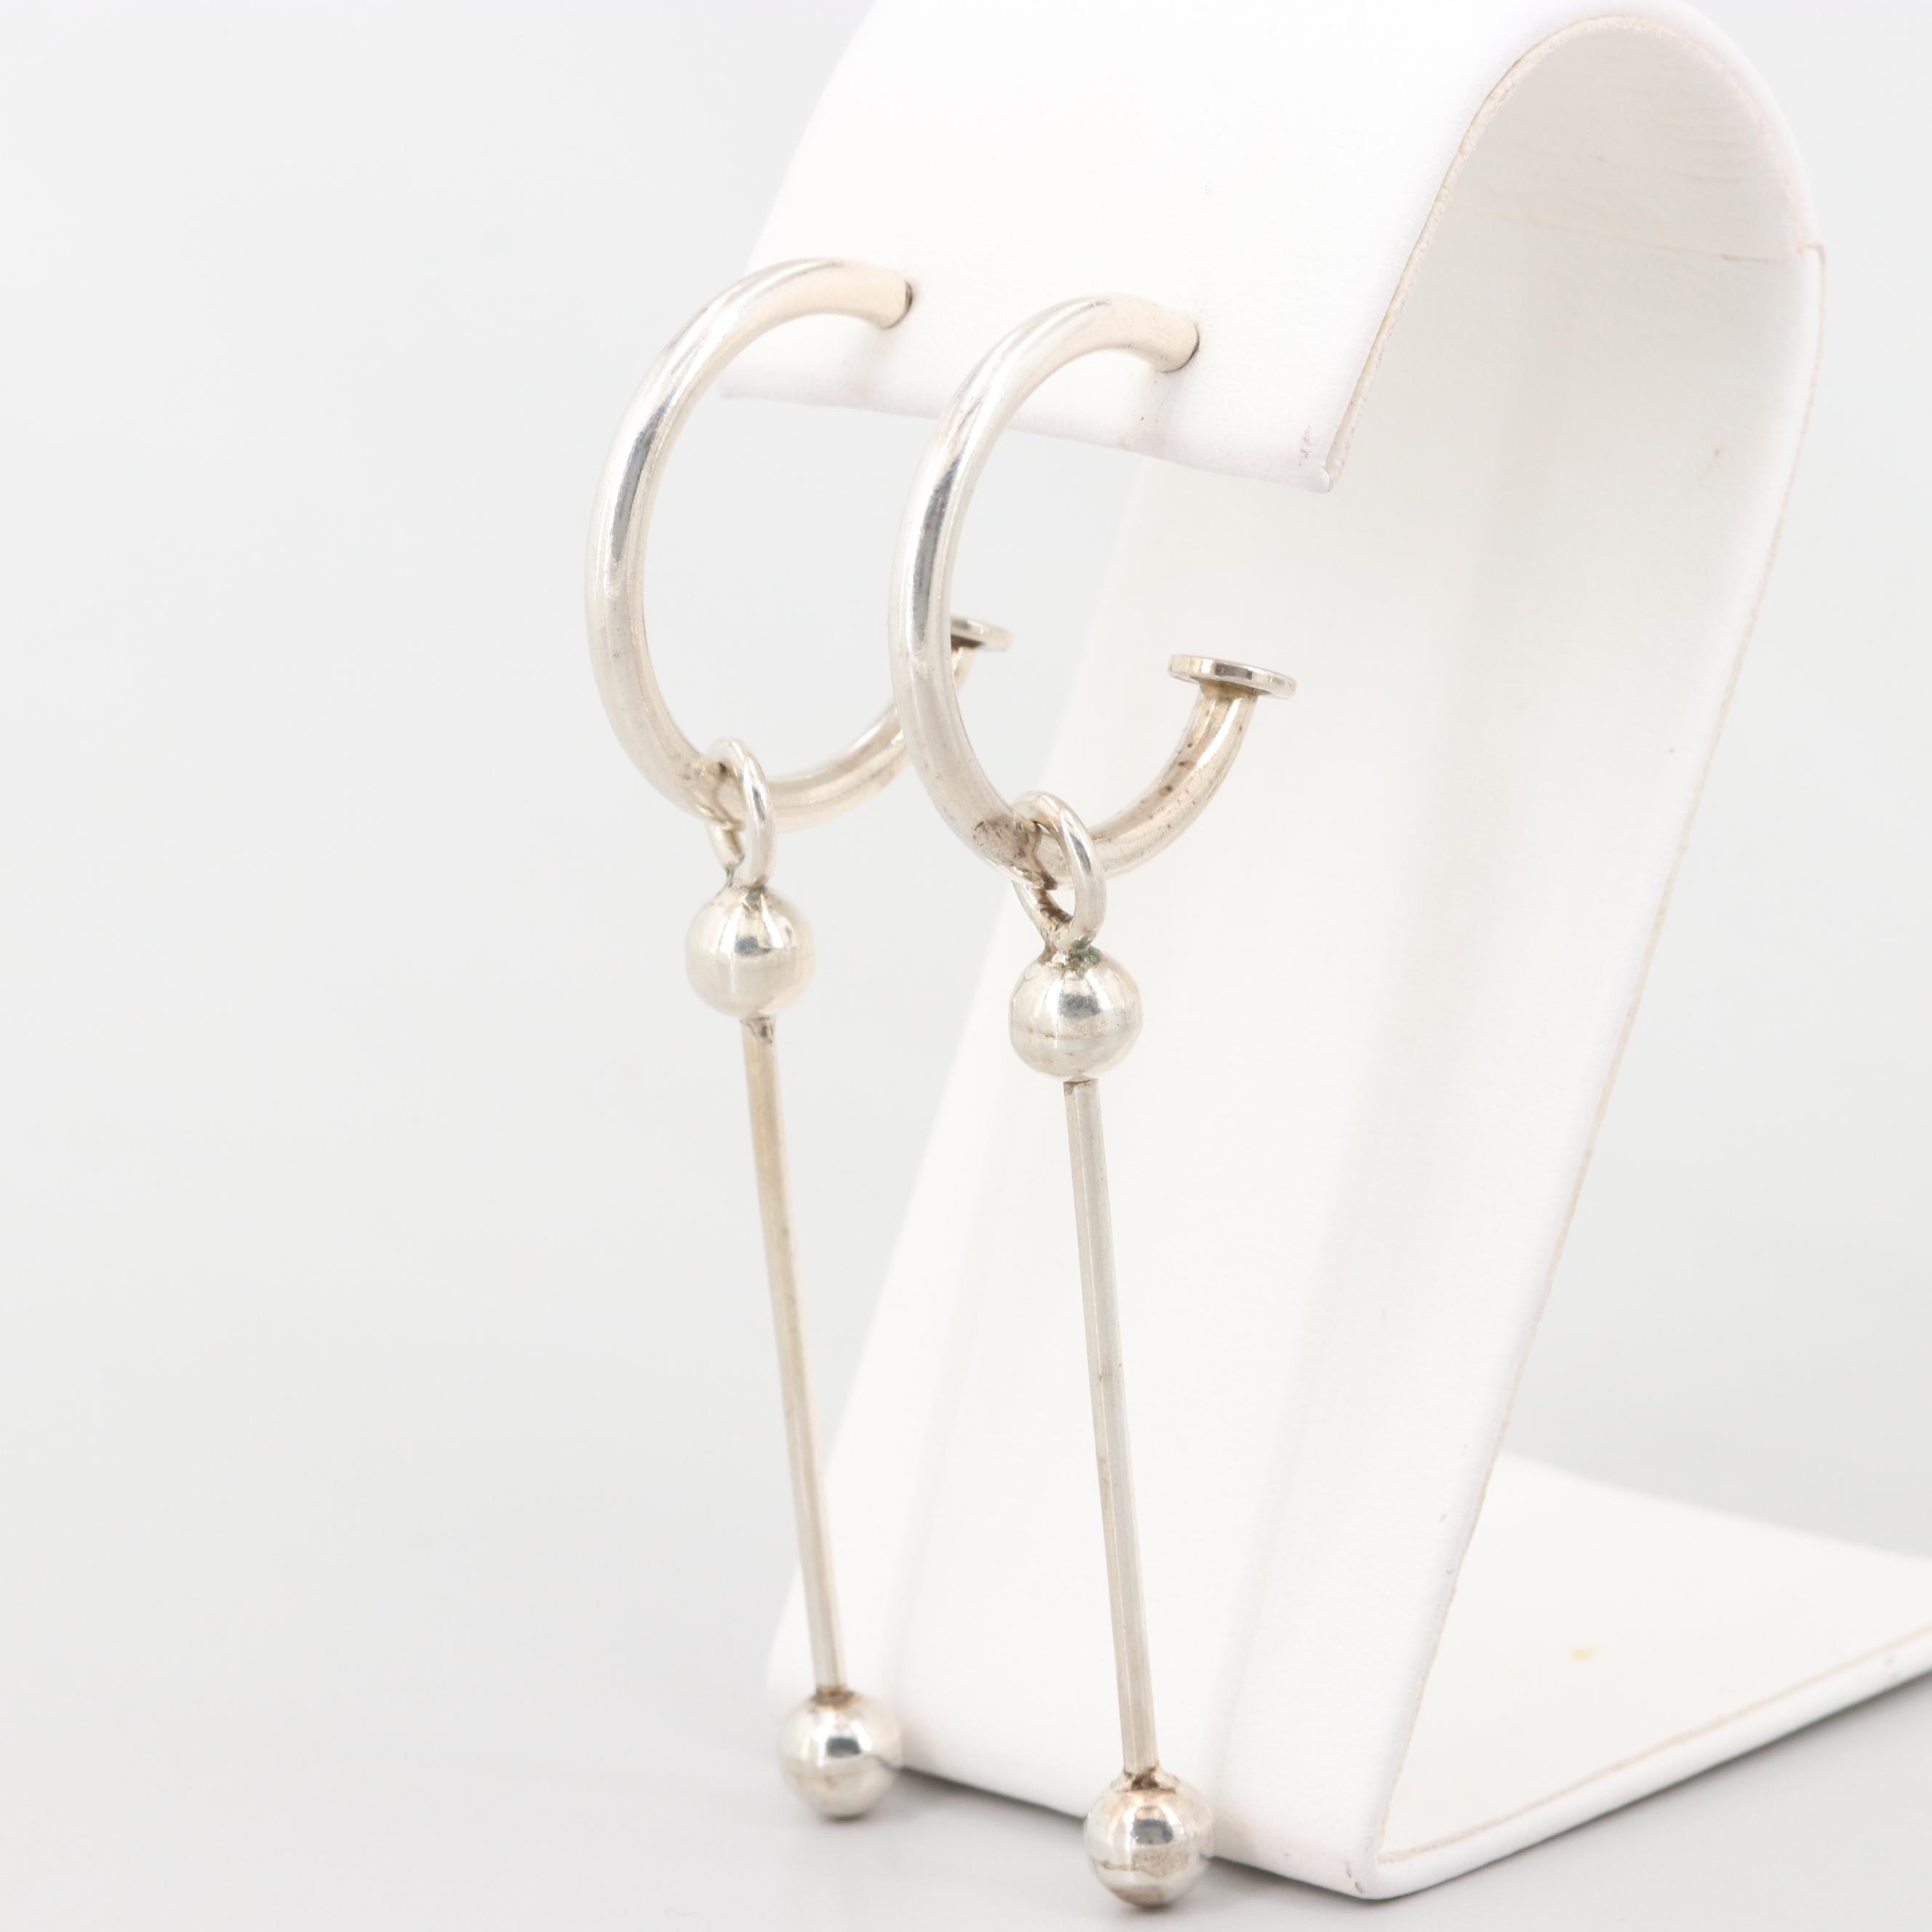 Sterling Silver Hoop Earrings and Jackets